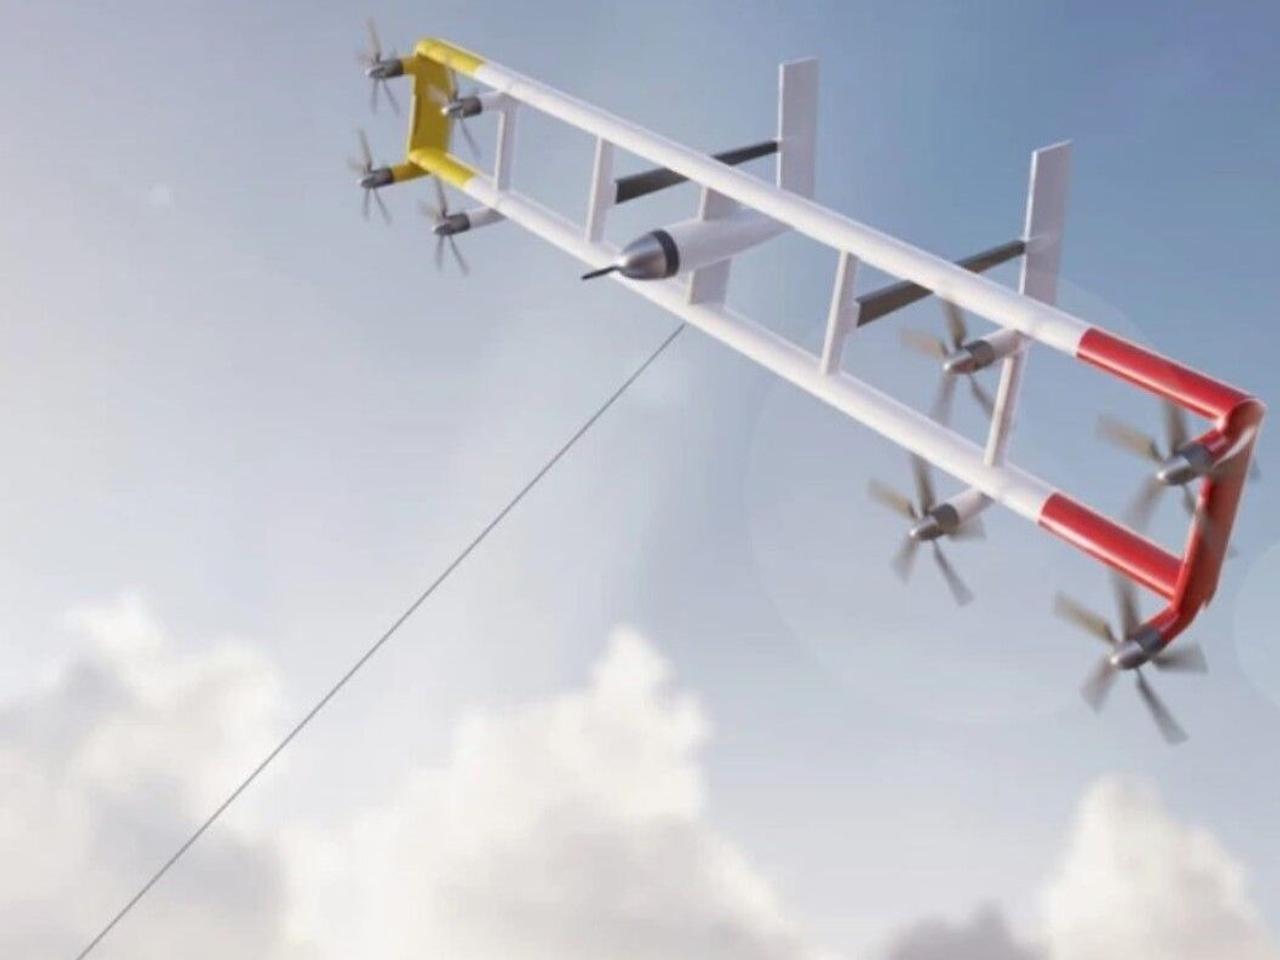 Автономные летающие турбины Kitekfraft вырабатывают энергию вдвое дешевле, чем стандартные ветротурбины